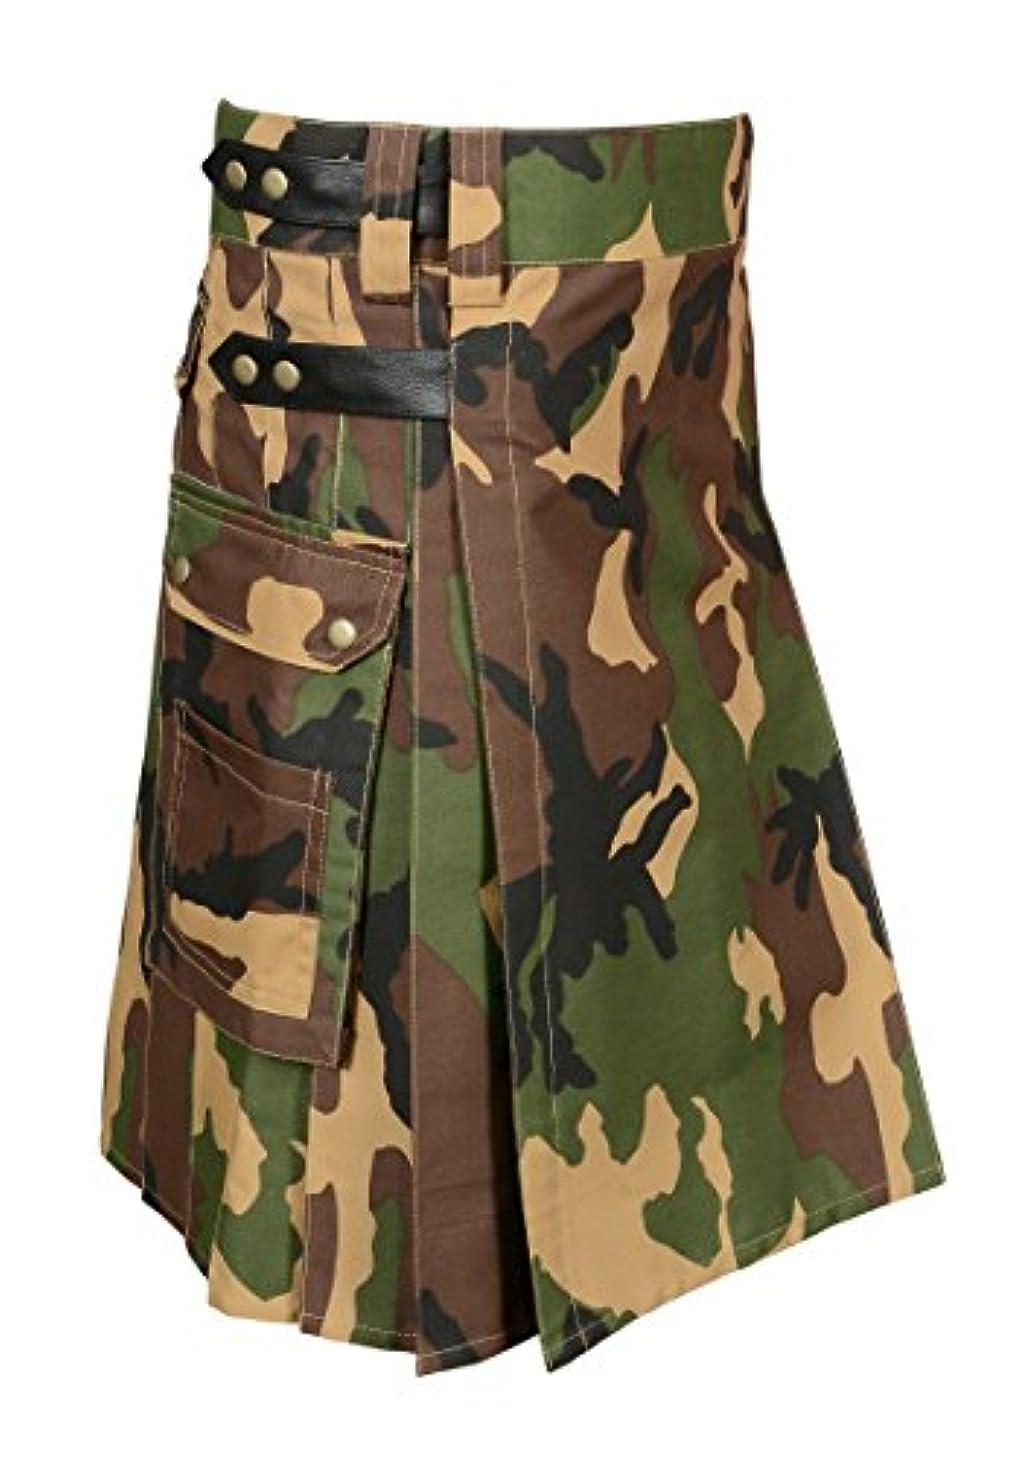 Scottish Camouflage Utility Kilt For Men